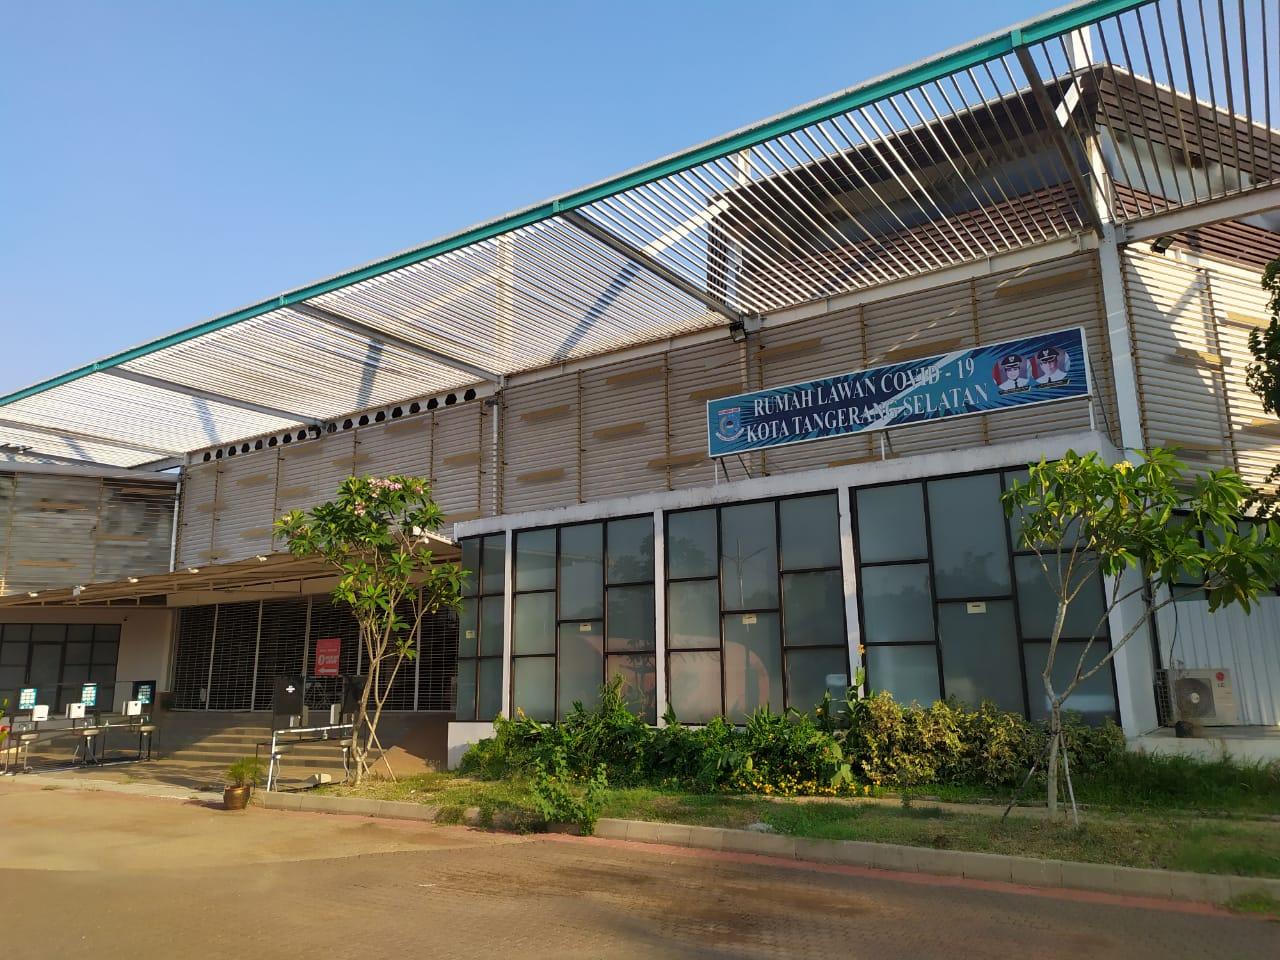 Wakil Wali Kota Tangsel Benyamim Davnie didampingi Koordinator Rumah Lawan COVID-19 Tangsel Suhara Manullang menunjukan surat yang menyatakan kesembuhan sepuluh pasien, Tangsel, Senin (27/7/2020).